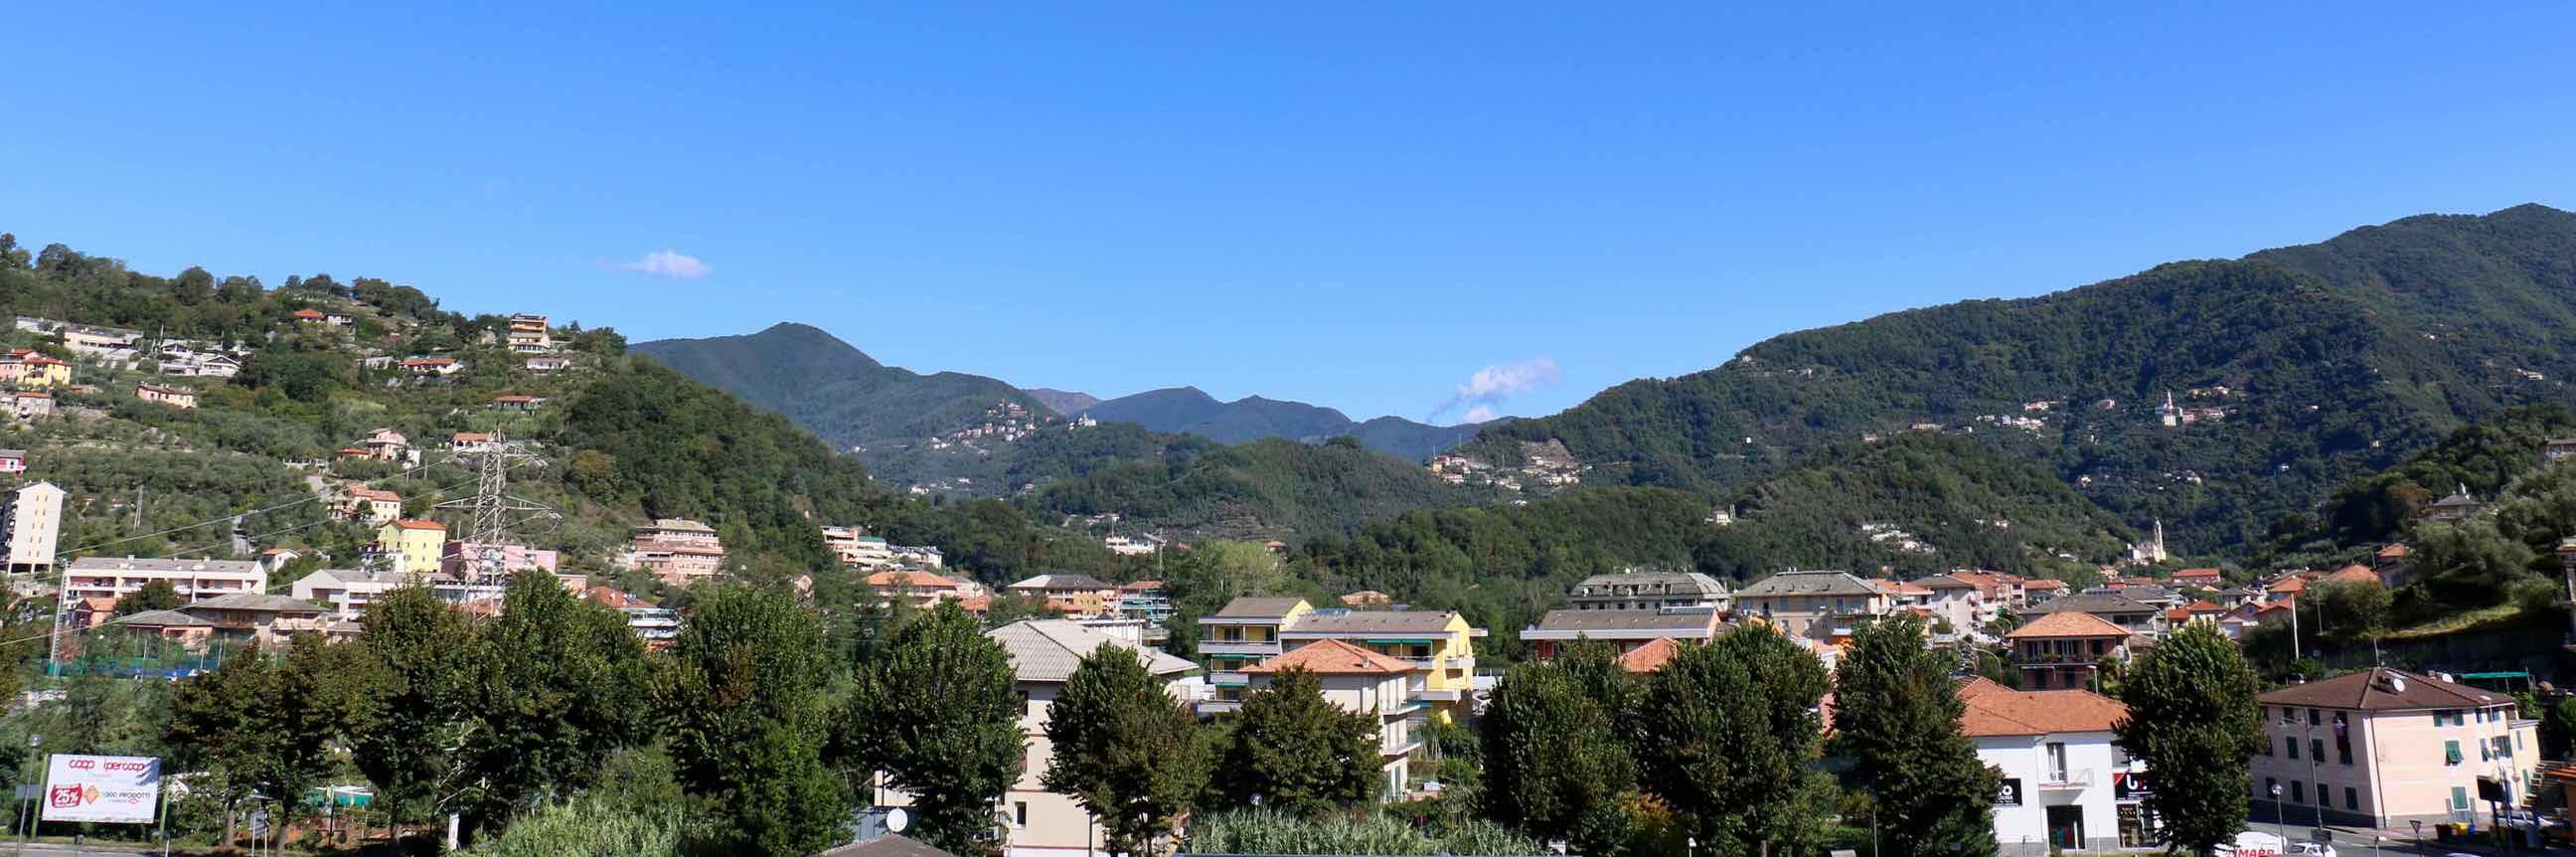 Casa per Ferie Villaggio Ospitale - Centro San Salvatore Villaggio del Ragazzo - 21